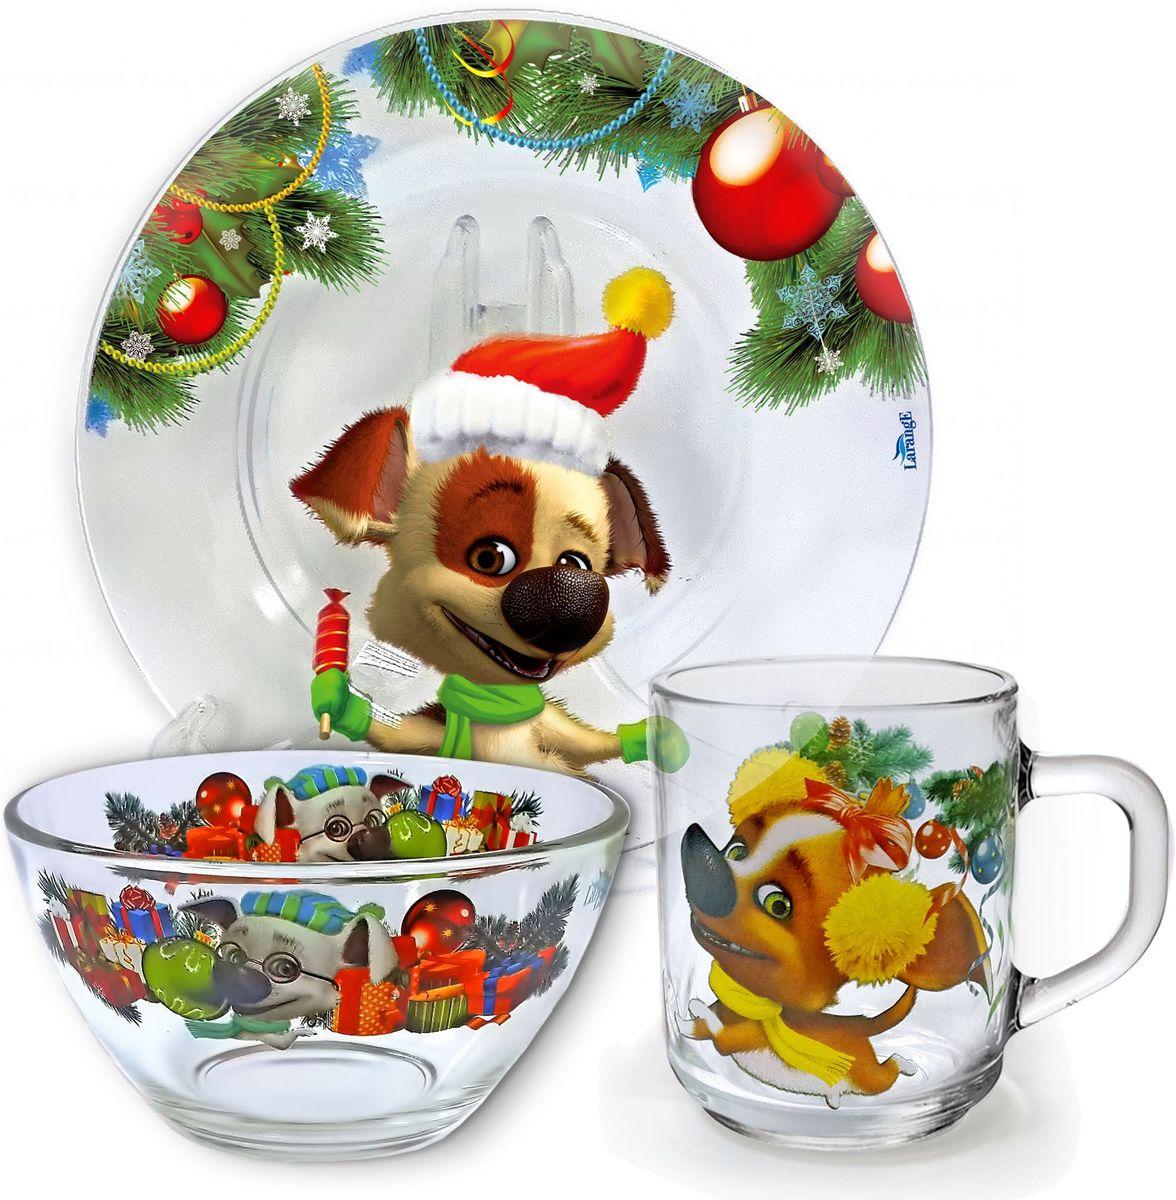 Набор посуды Белка и Стрелка Новый год озорной семейки, 3 предмета628-056От качества посуды зависит не только вкус еды, но и здоровьечеловека. Набор посуды Белка и Стрелка Новый год озорнойсемейки выполнен из высококачественного стекла и состоит изтарелки, кружки и салатника. Любой хозяйке будет приятнодержать его в руках.Состав набора: тарелка 19 см, кружка 210 мл, салатник 13 см, 250 мл.